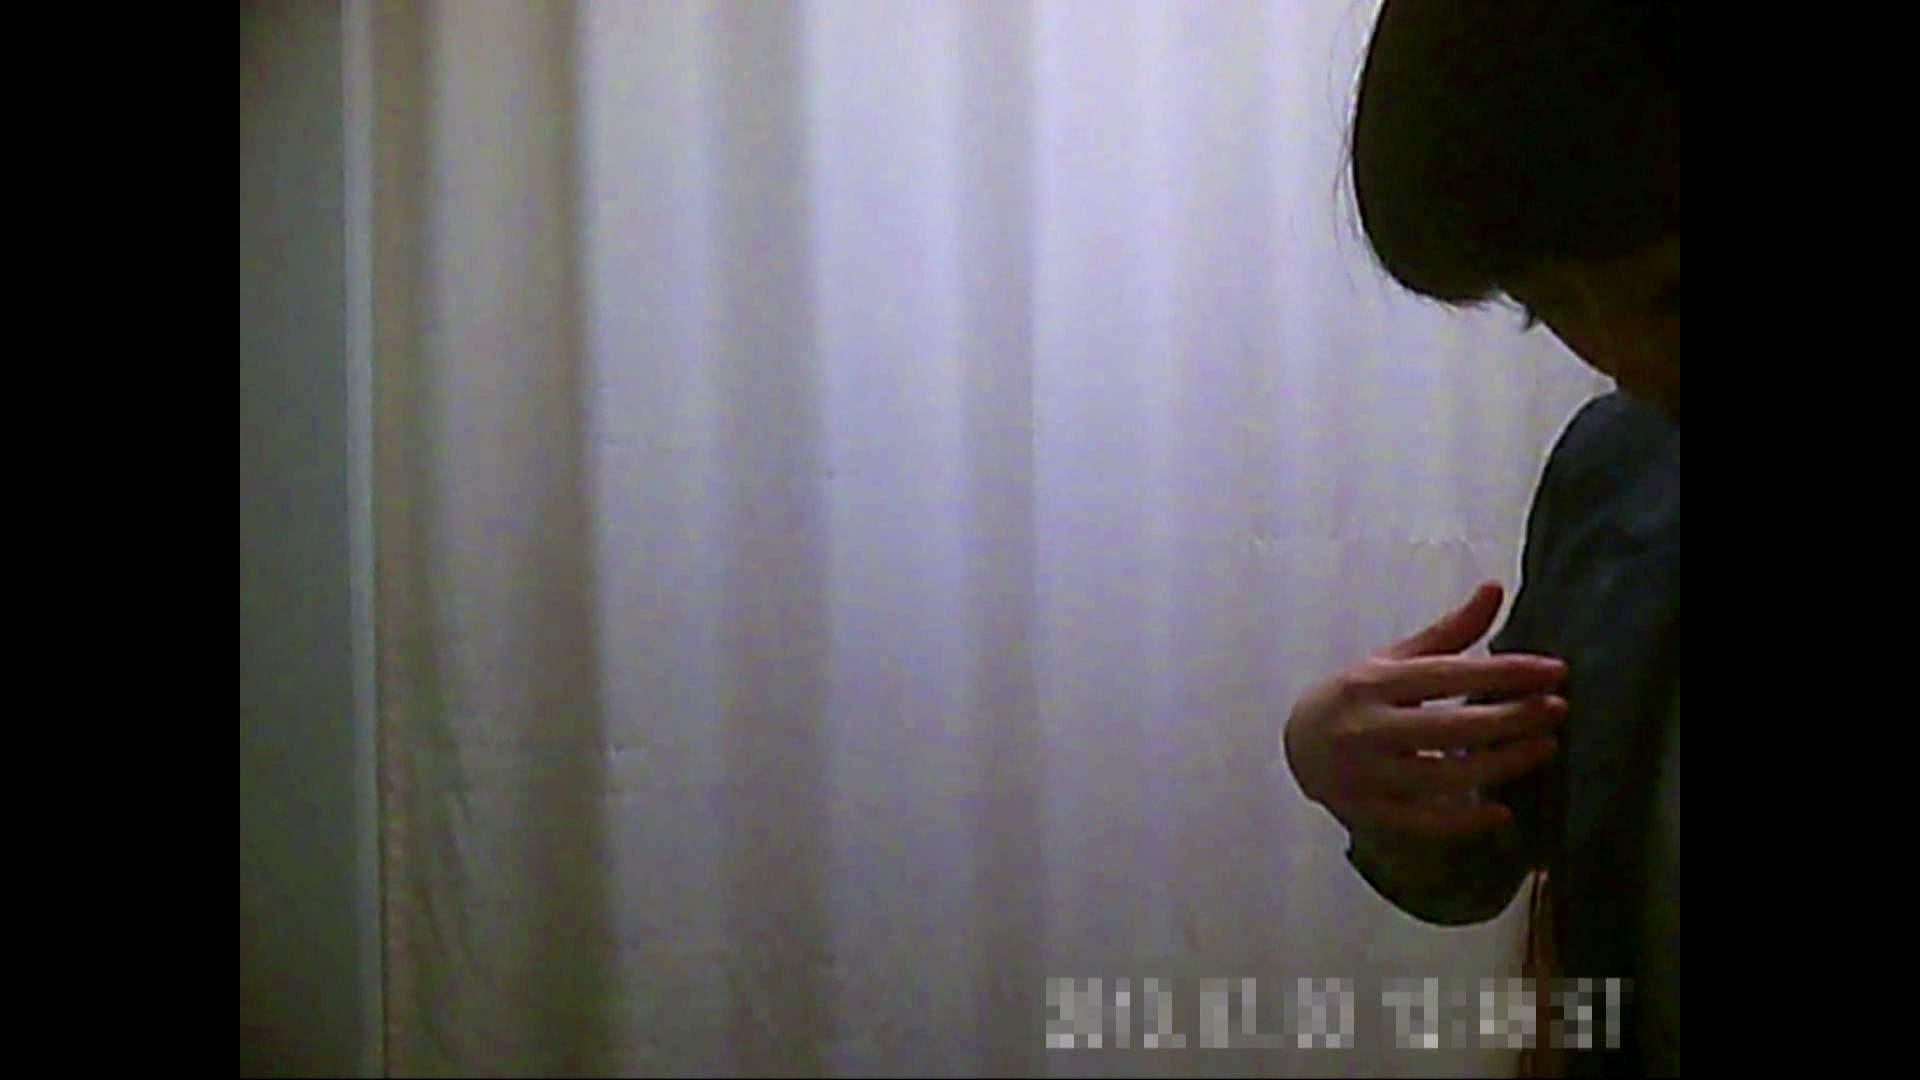 病院おもいっきり着替え! vol.258 おっぱい オマンコ無修正動画無料 70画像 59